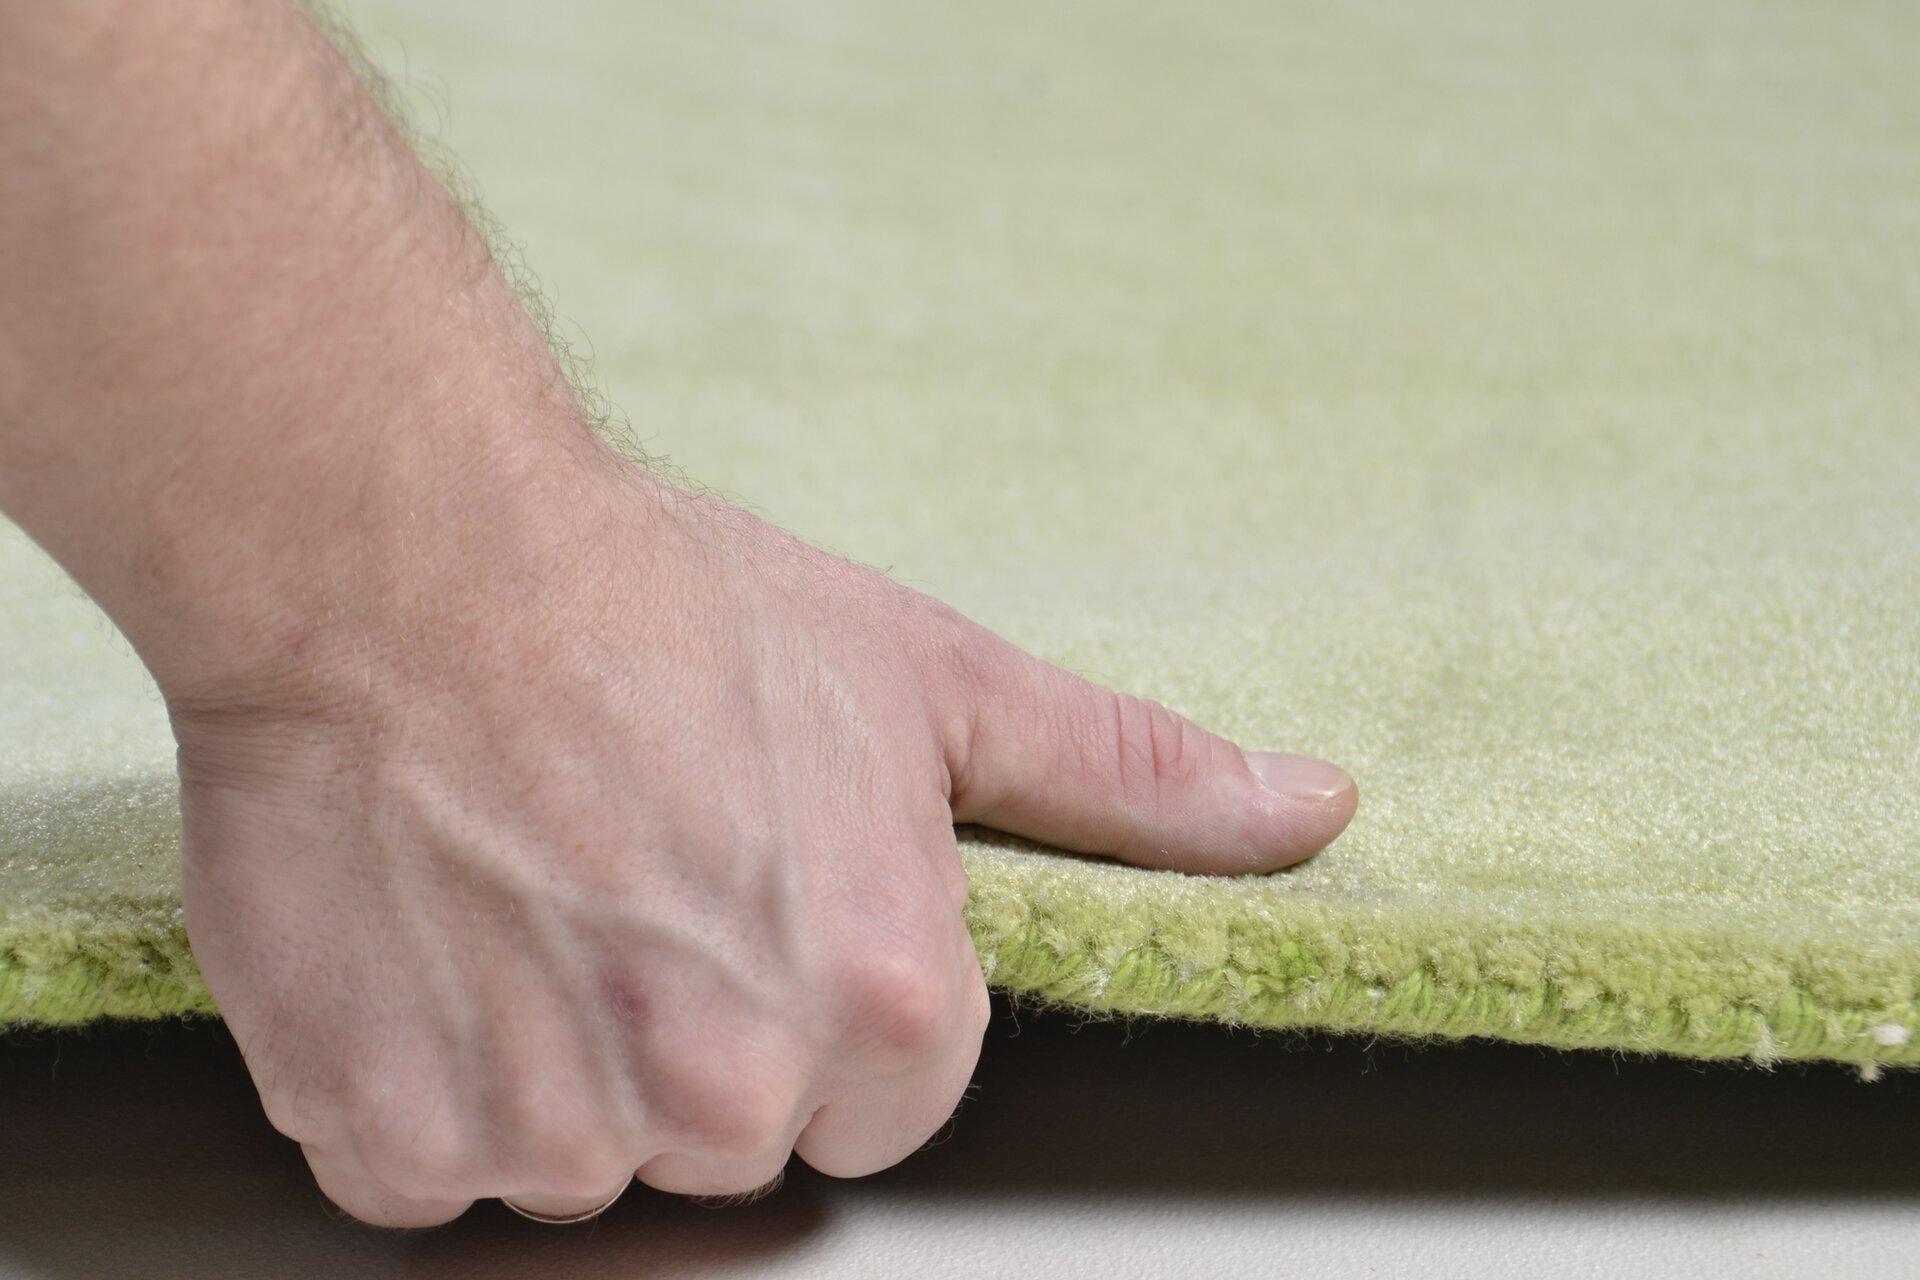 Maschinenwebteppich Melbourne 1000 Theko Textil grün 1 cm